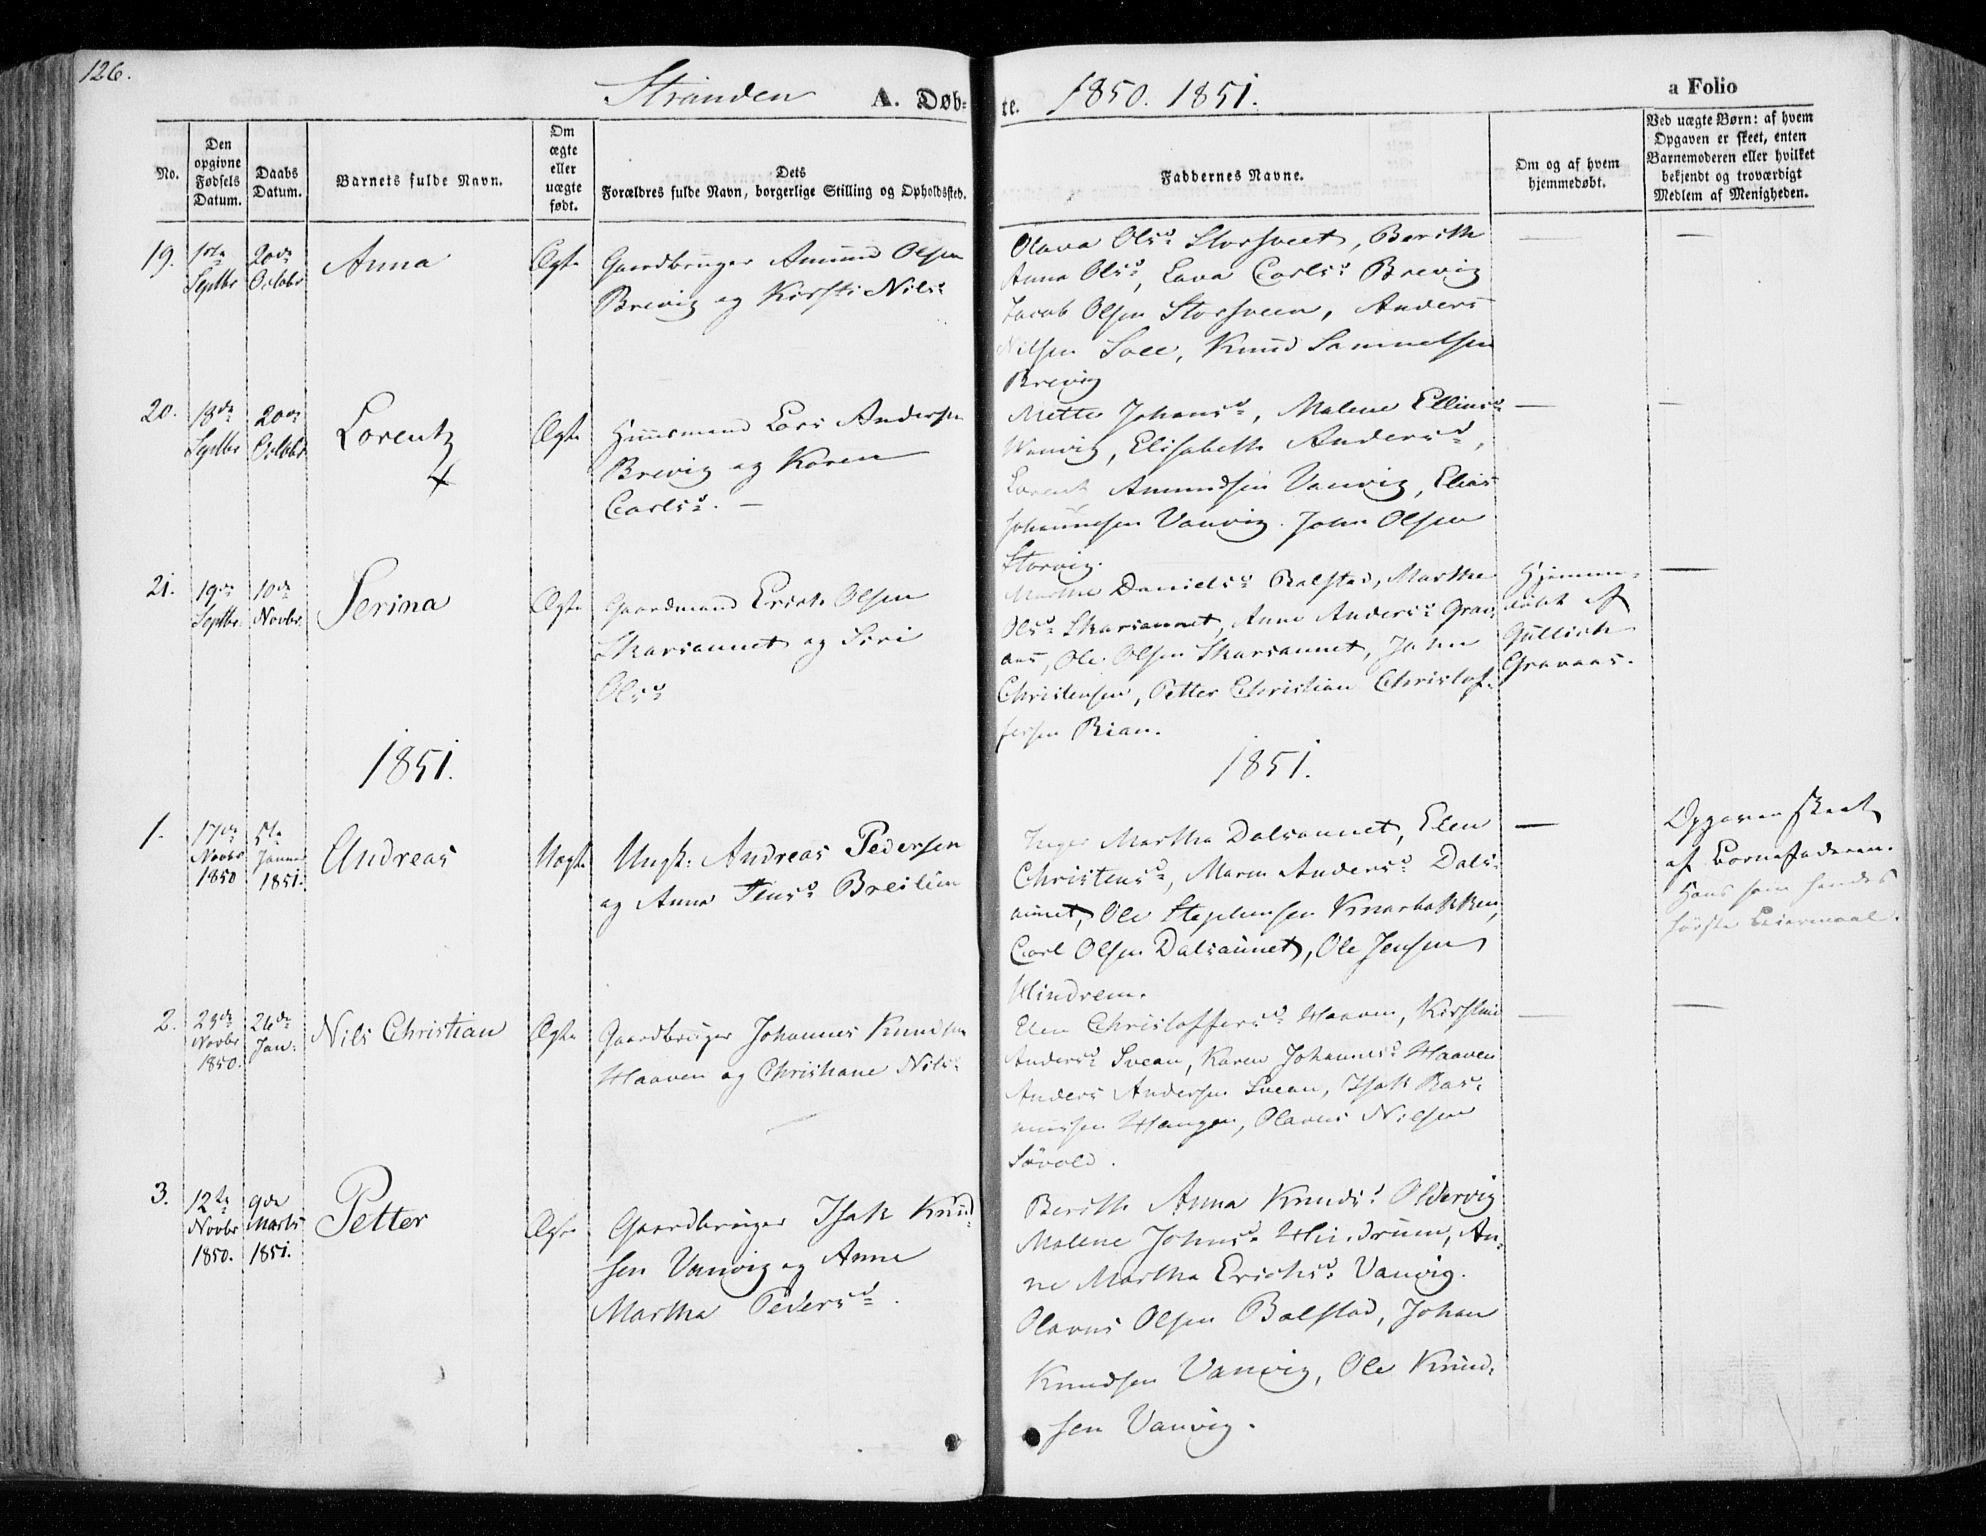 SAT, Ministerialprotokoller, klokkerbøker og fødselsregistre - Nord-Trøndelag, 701/L0007: Ministerialbok nr. 701A07 /2, 1842-1854, s. 126